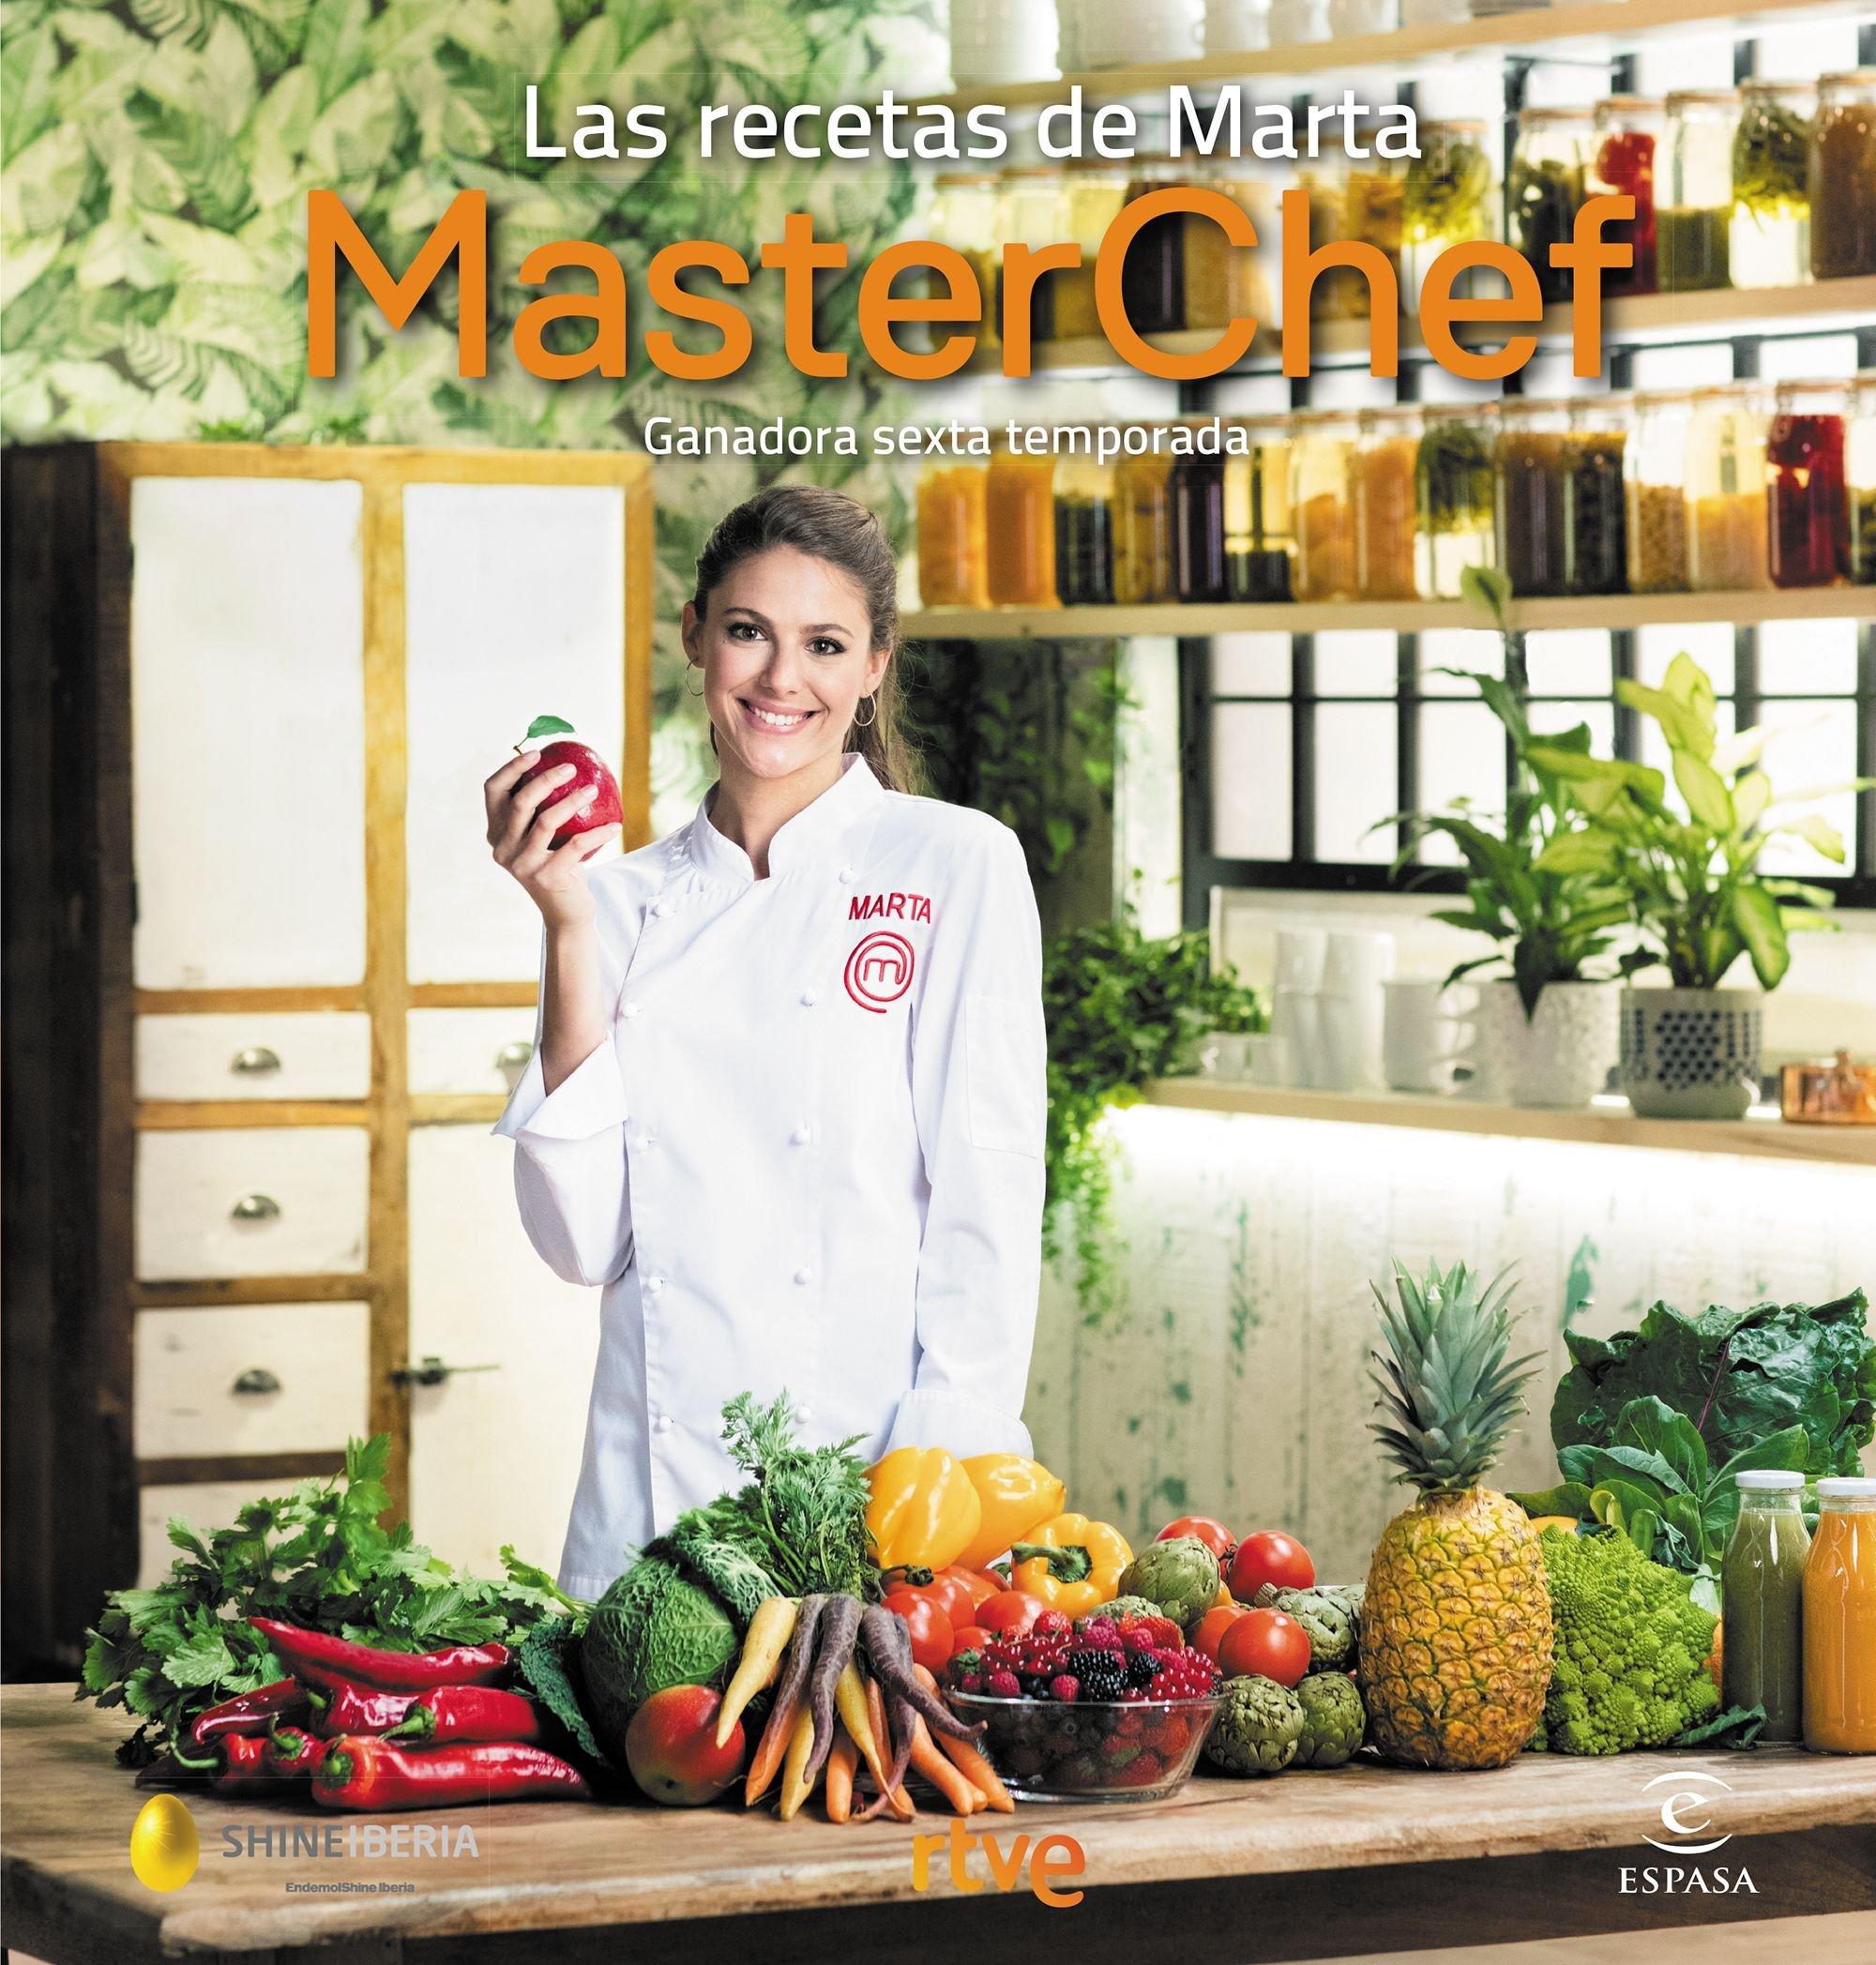 Las recetas de Marta: Ganadora sexta temporada. MasterChef Fuera ...